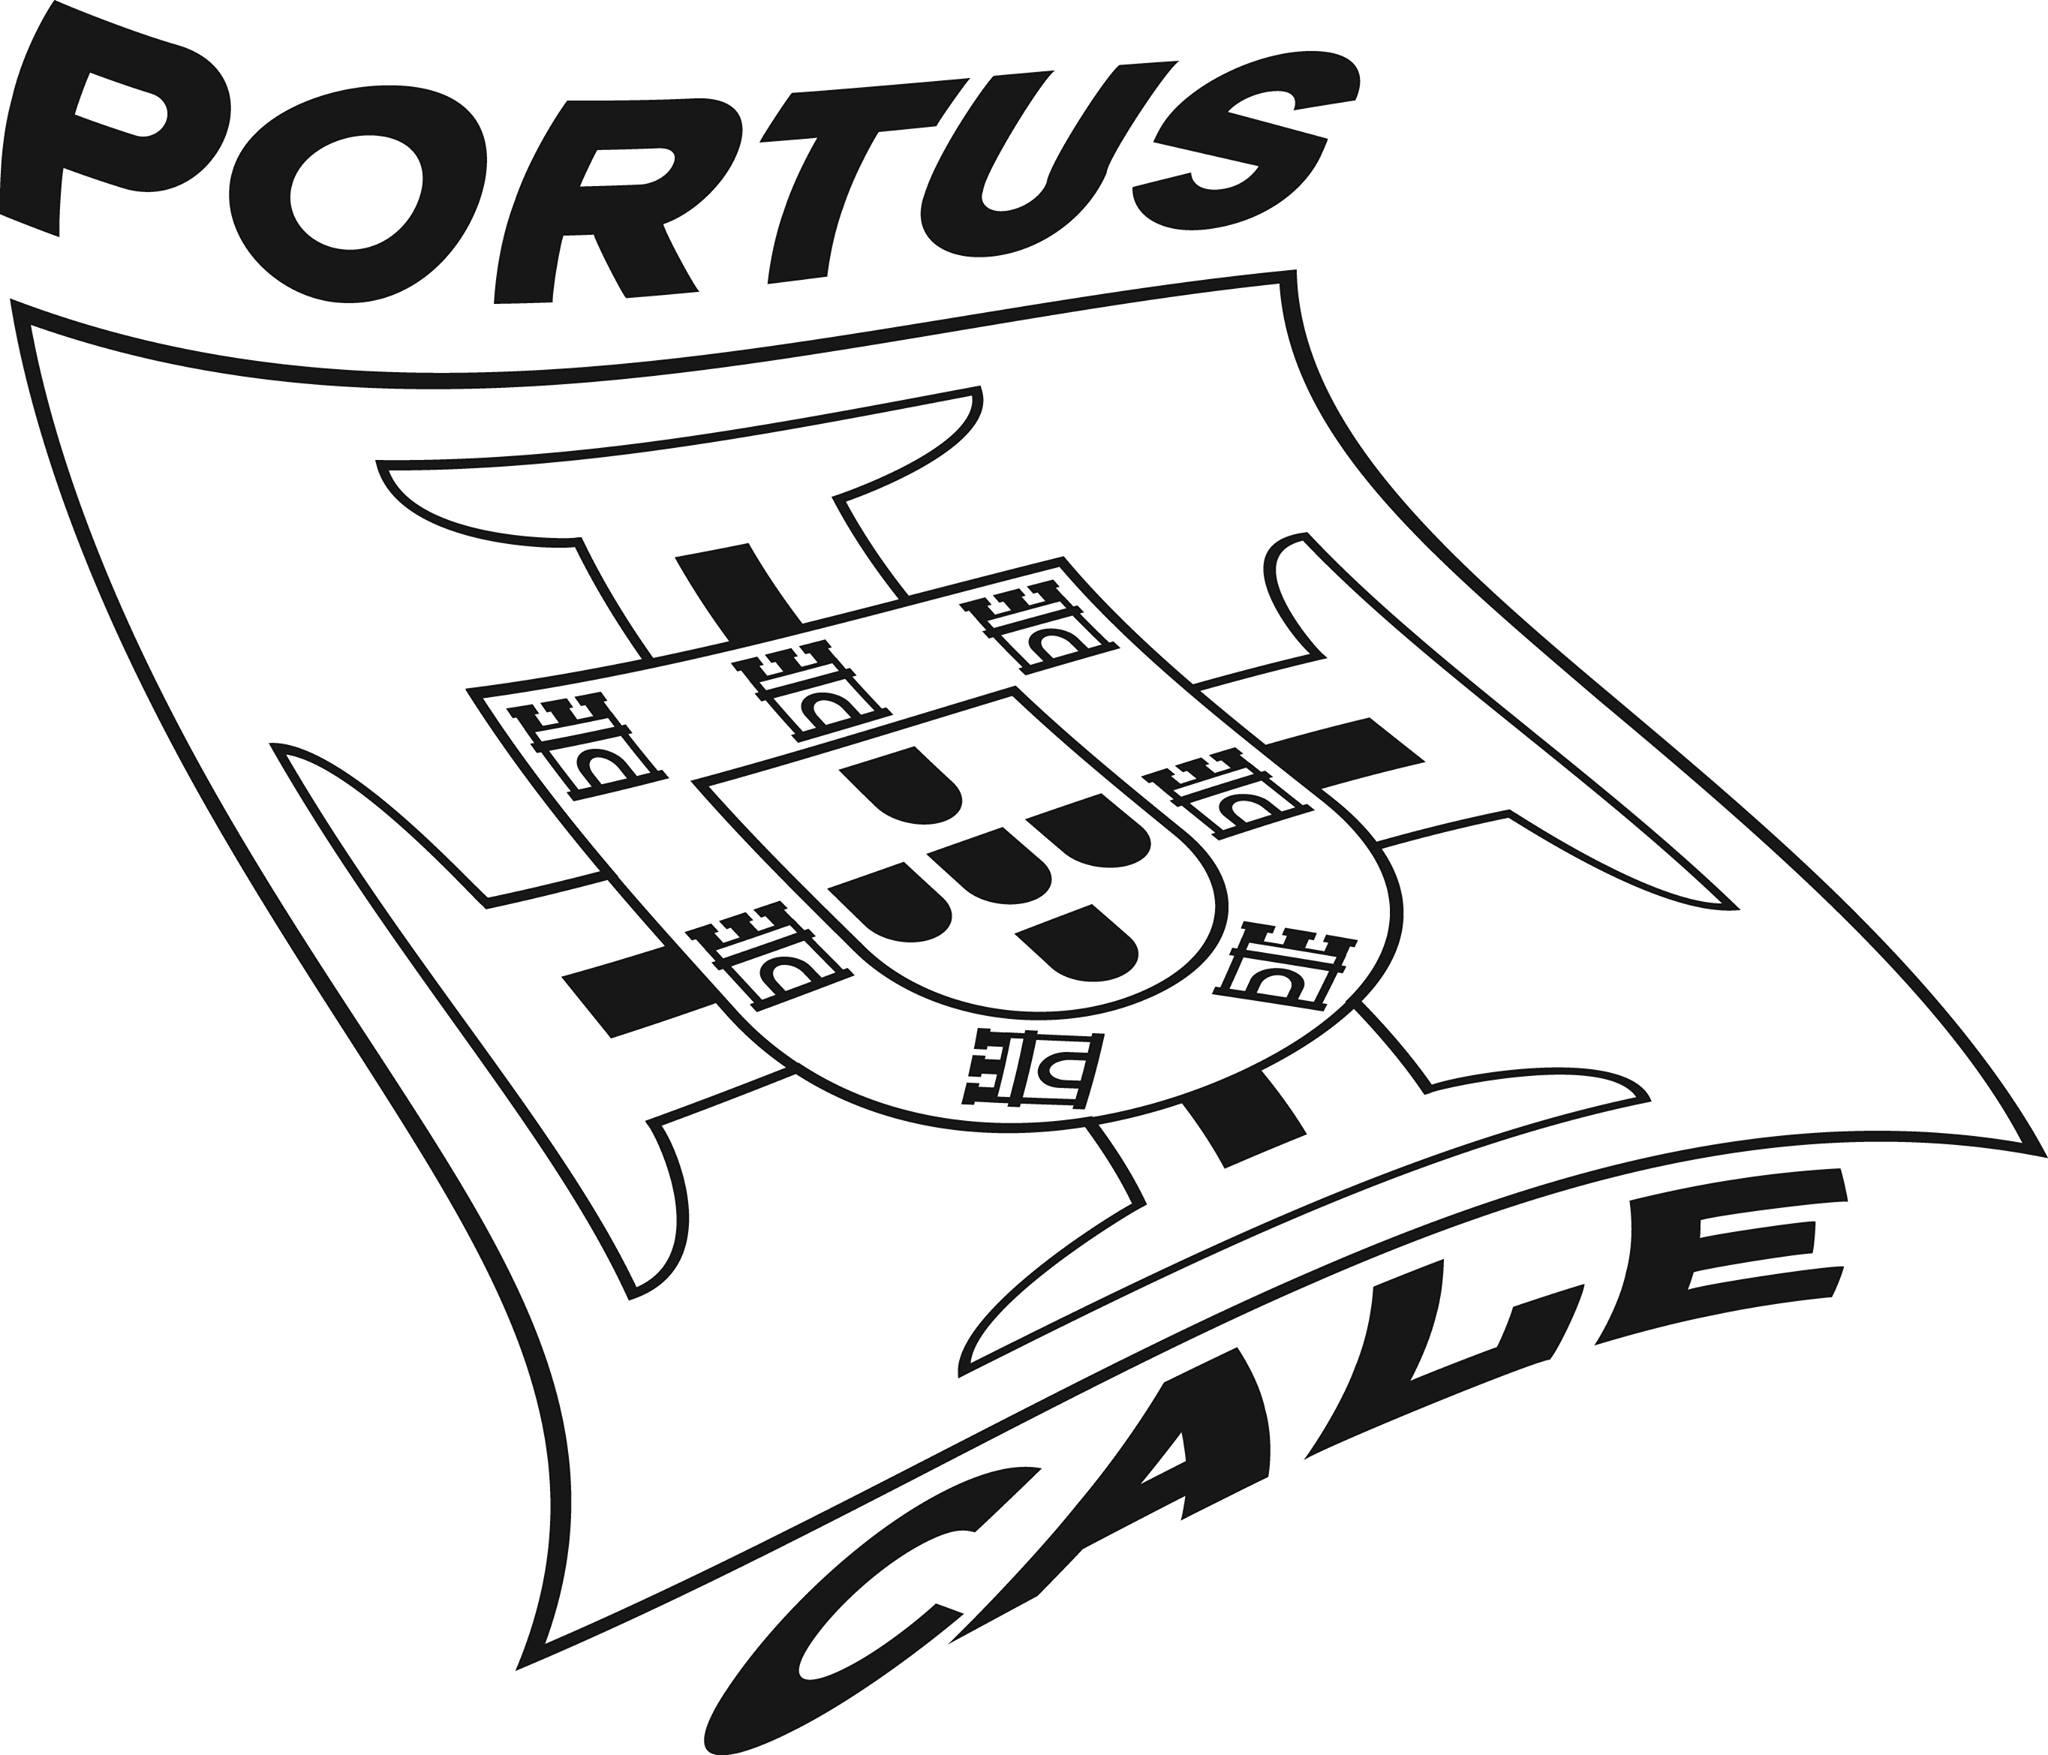 Restaurante Portus Cale